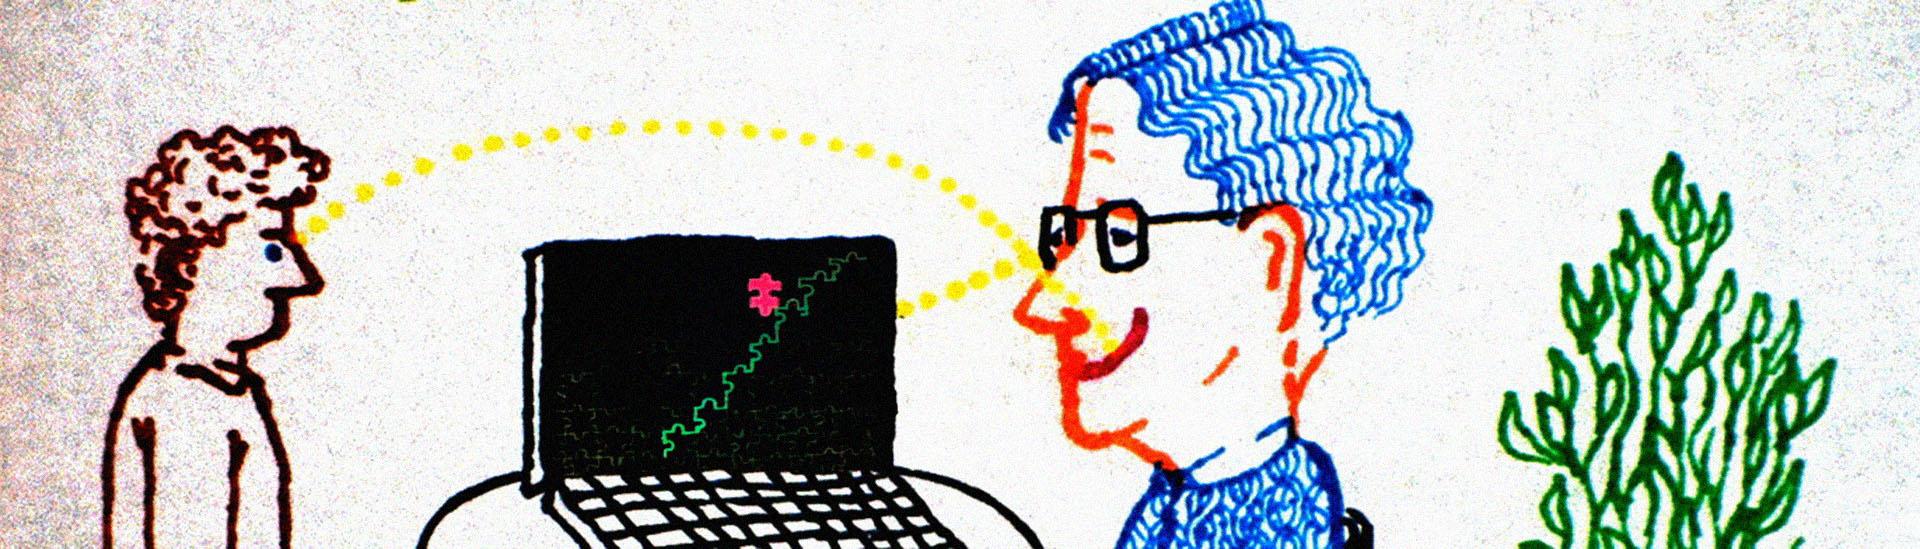 Baner filmu 'Czy Noam Chomsky Jest Wysoki Czy Szczęśliwy?'